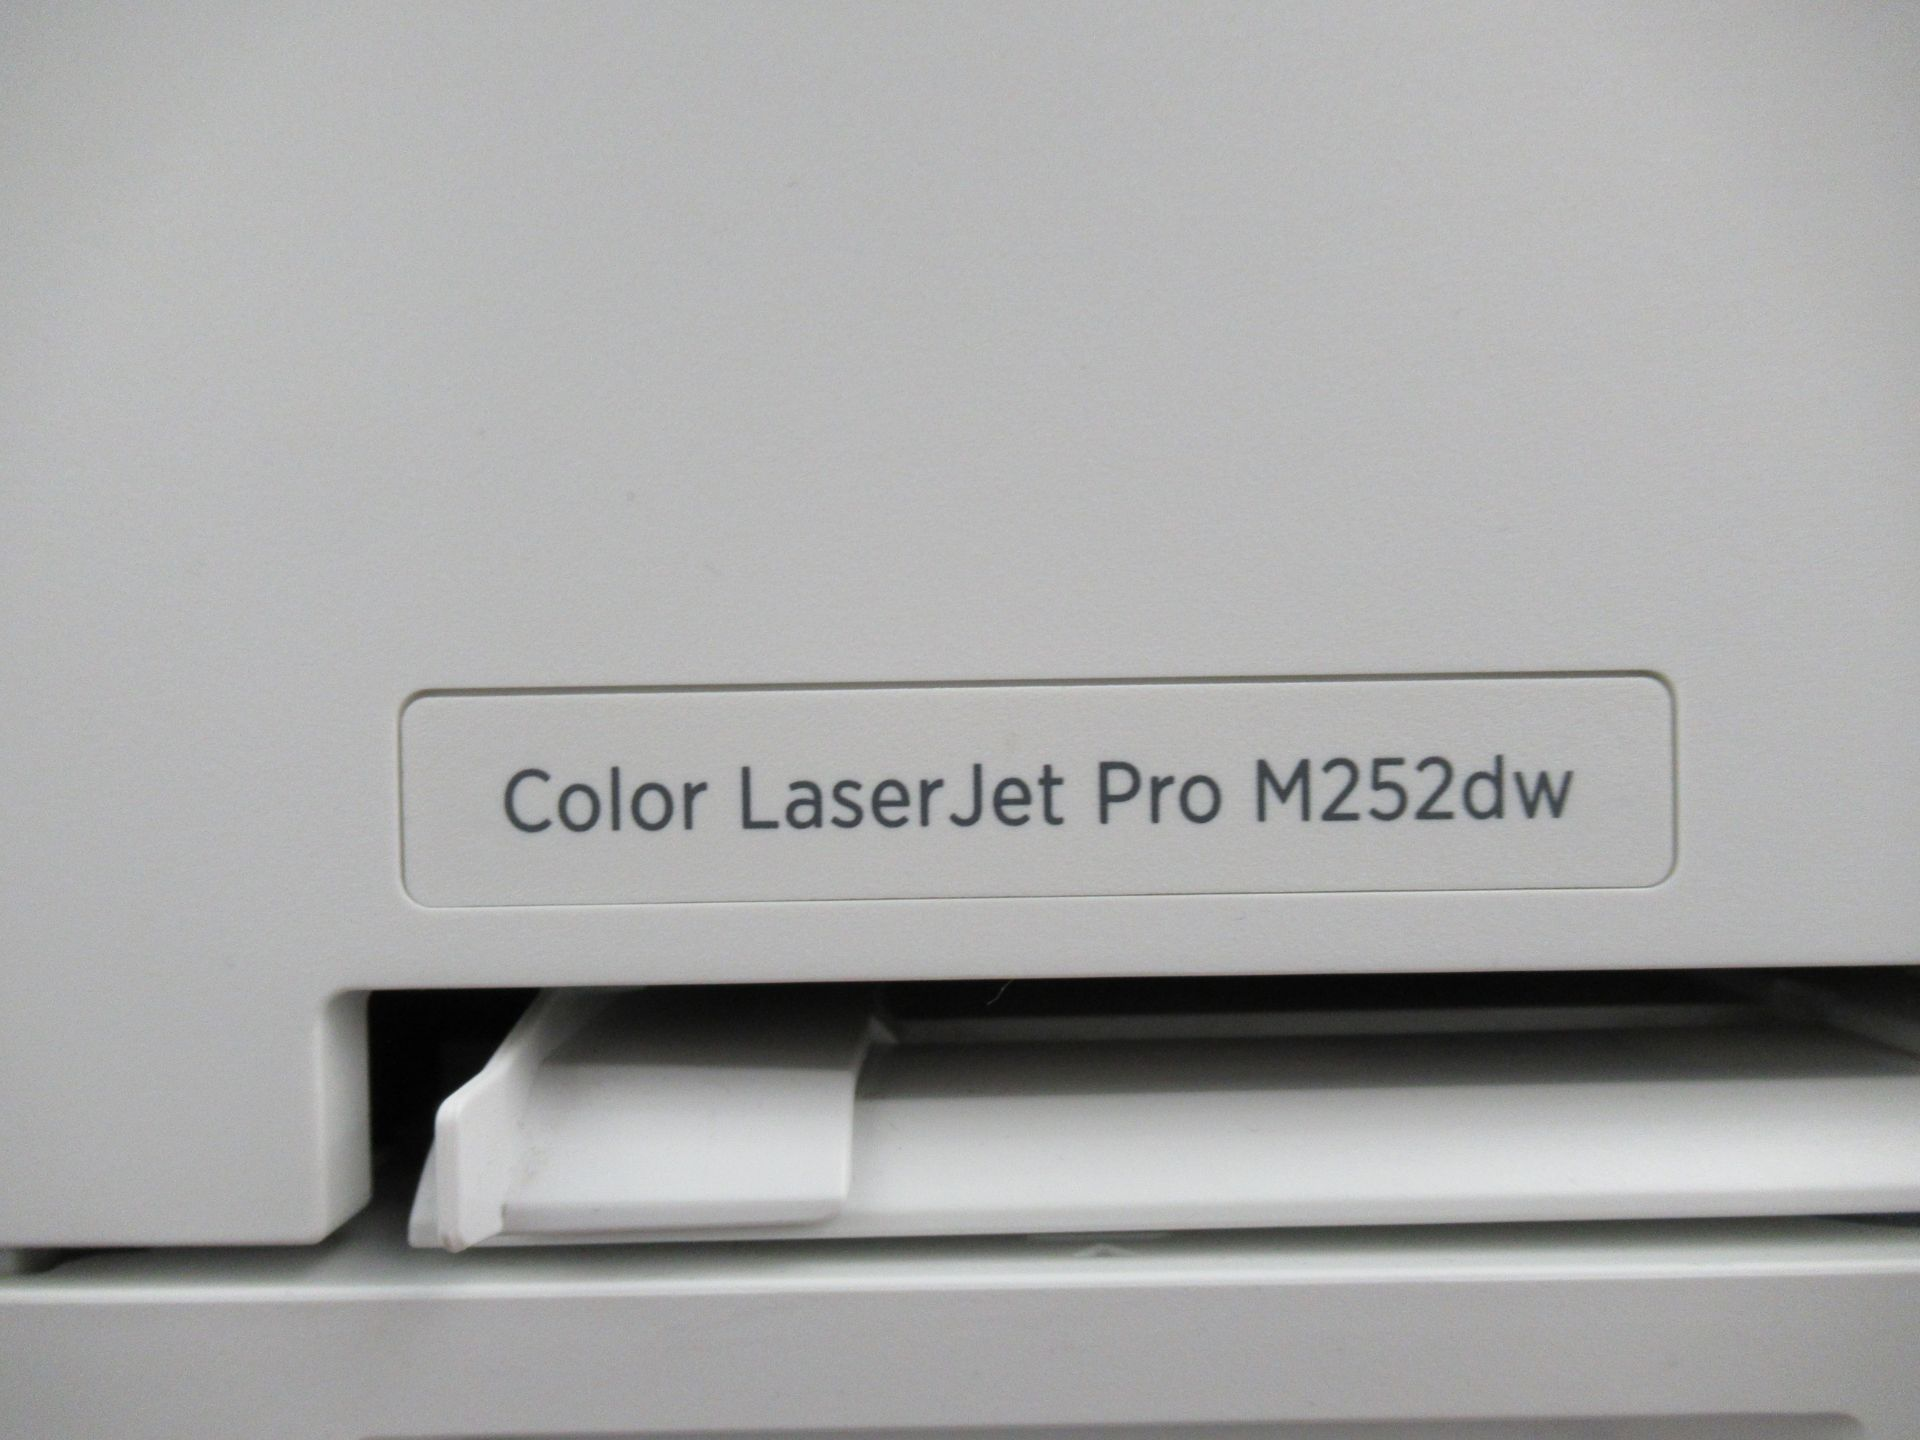 Lot 6222 - HP COLOUR LASERJET PRO, M252DW PRINTER/COPIER (REUTER)